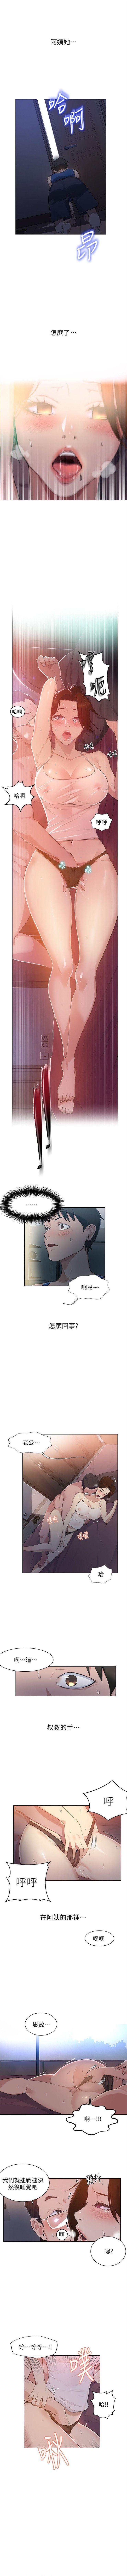 秘密教學  1-50 官方中文(連載中) 10